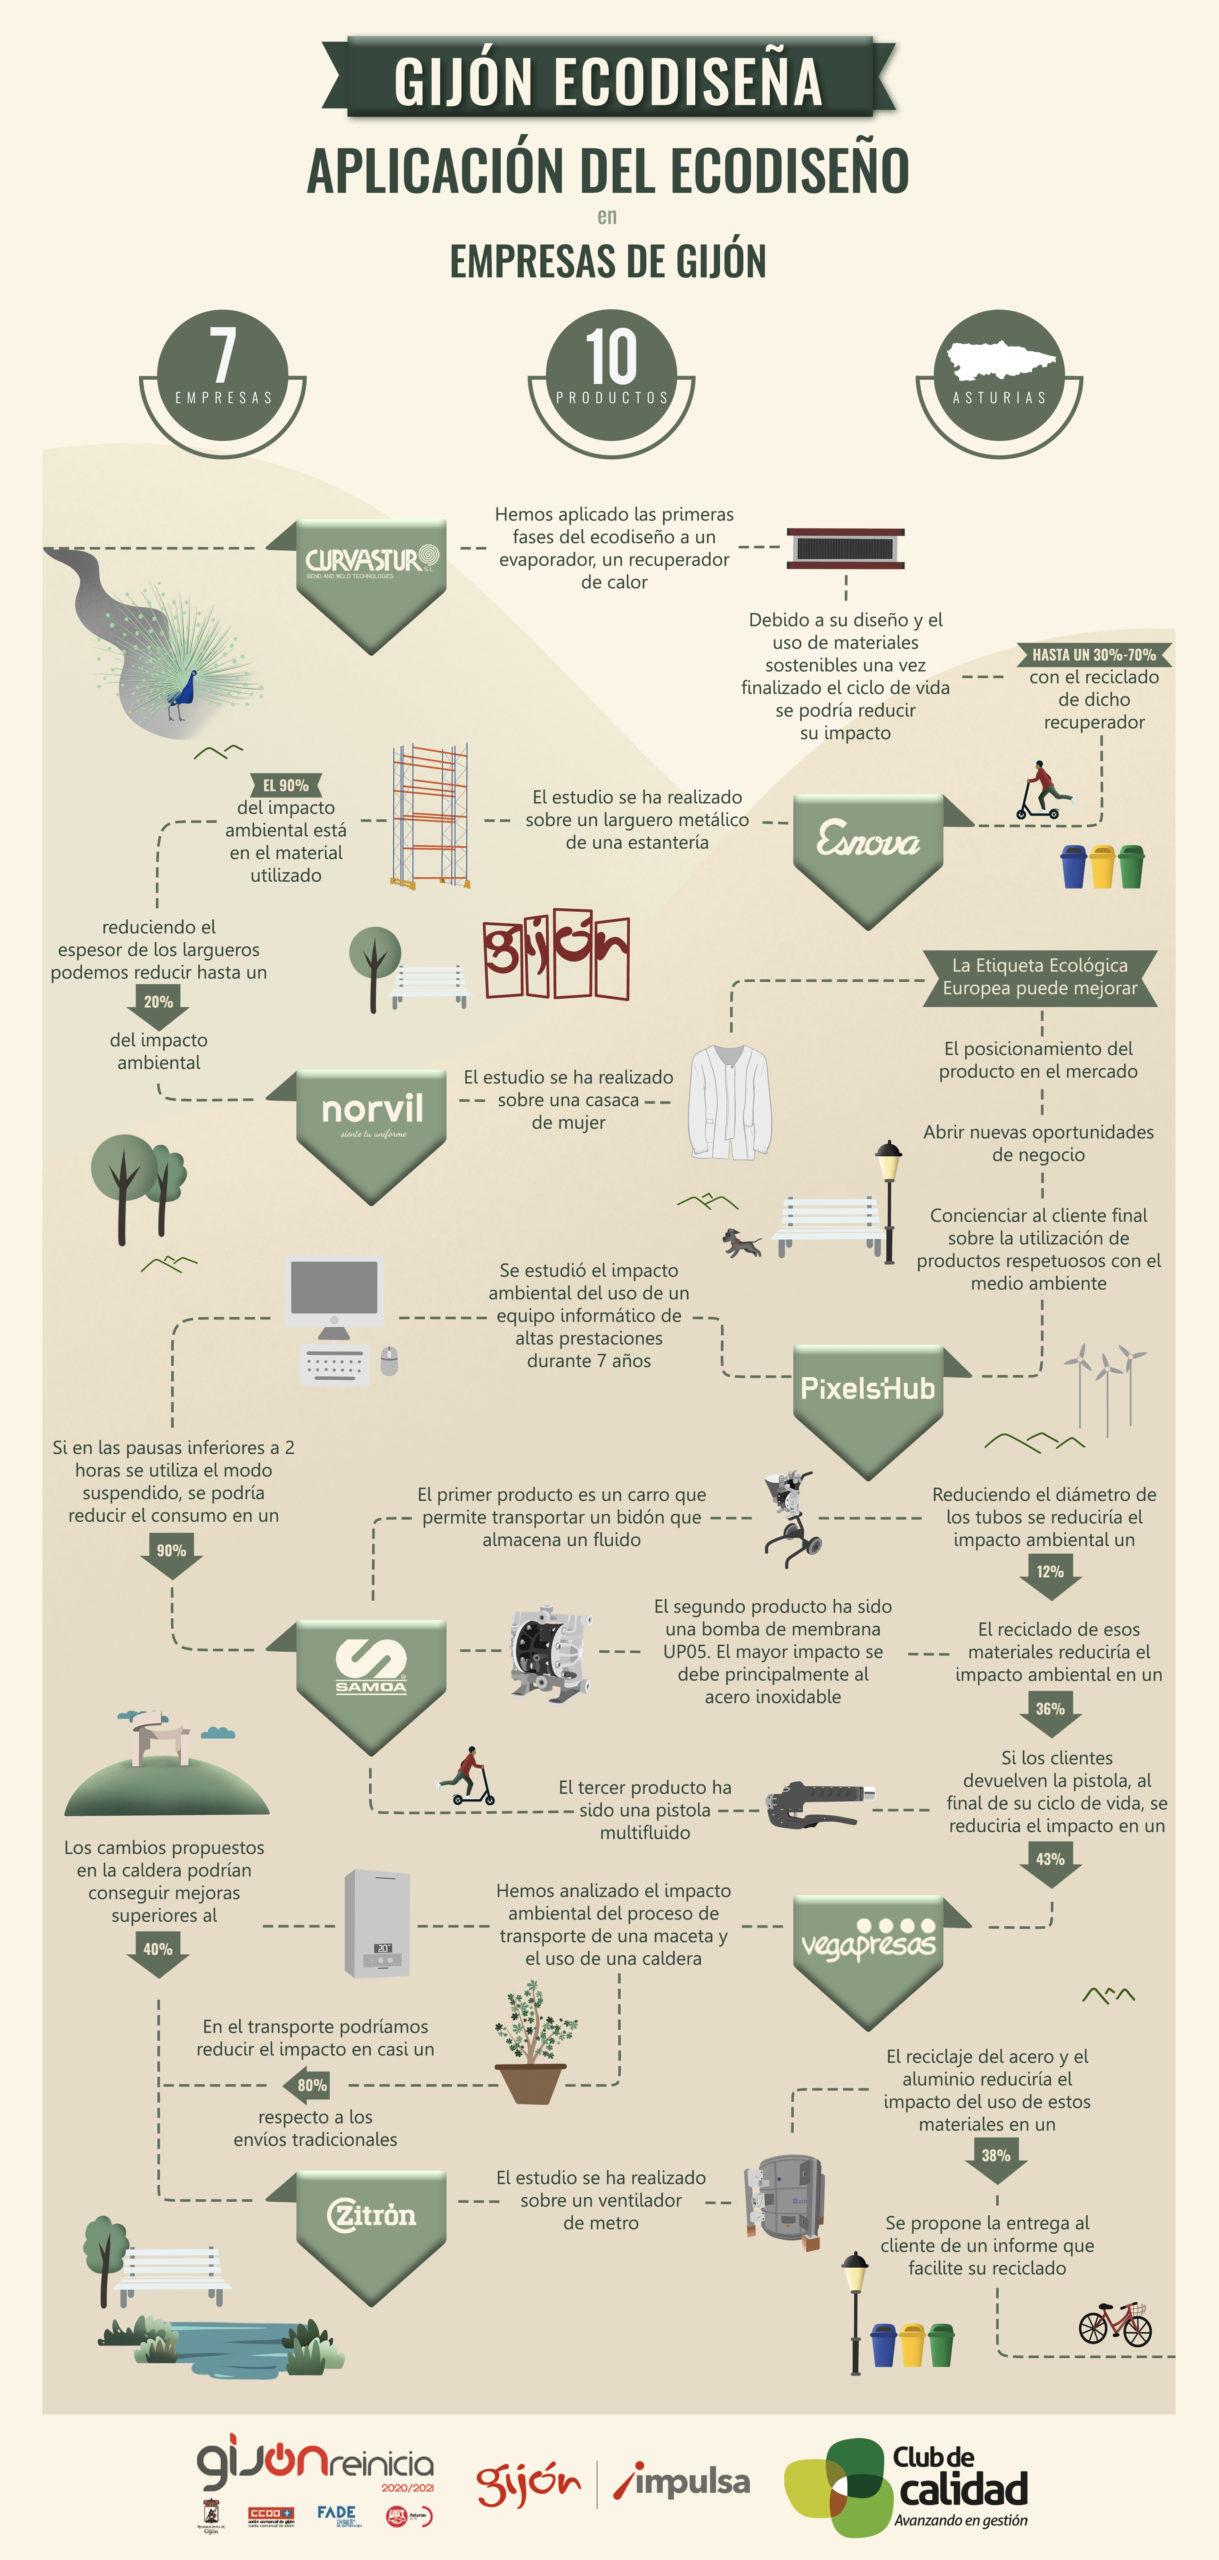 Gijón Ecodiseña: aplicación del ecodiseño en empresas de Gijón. Infografía proyecto